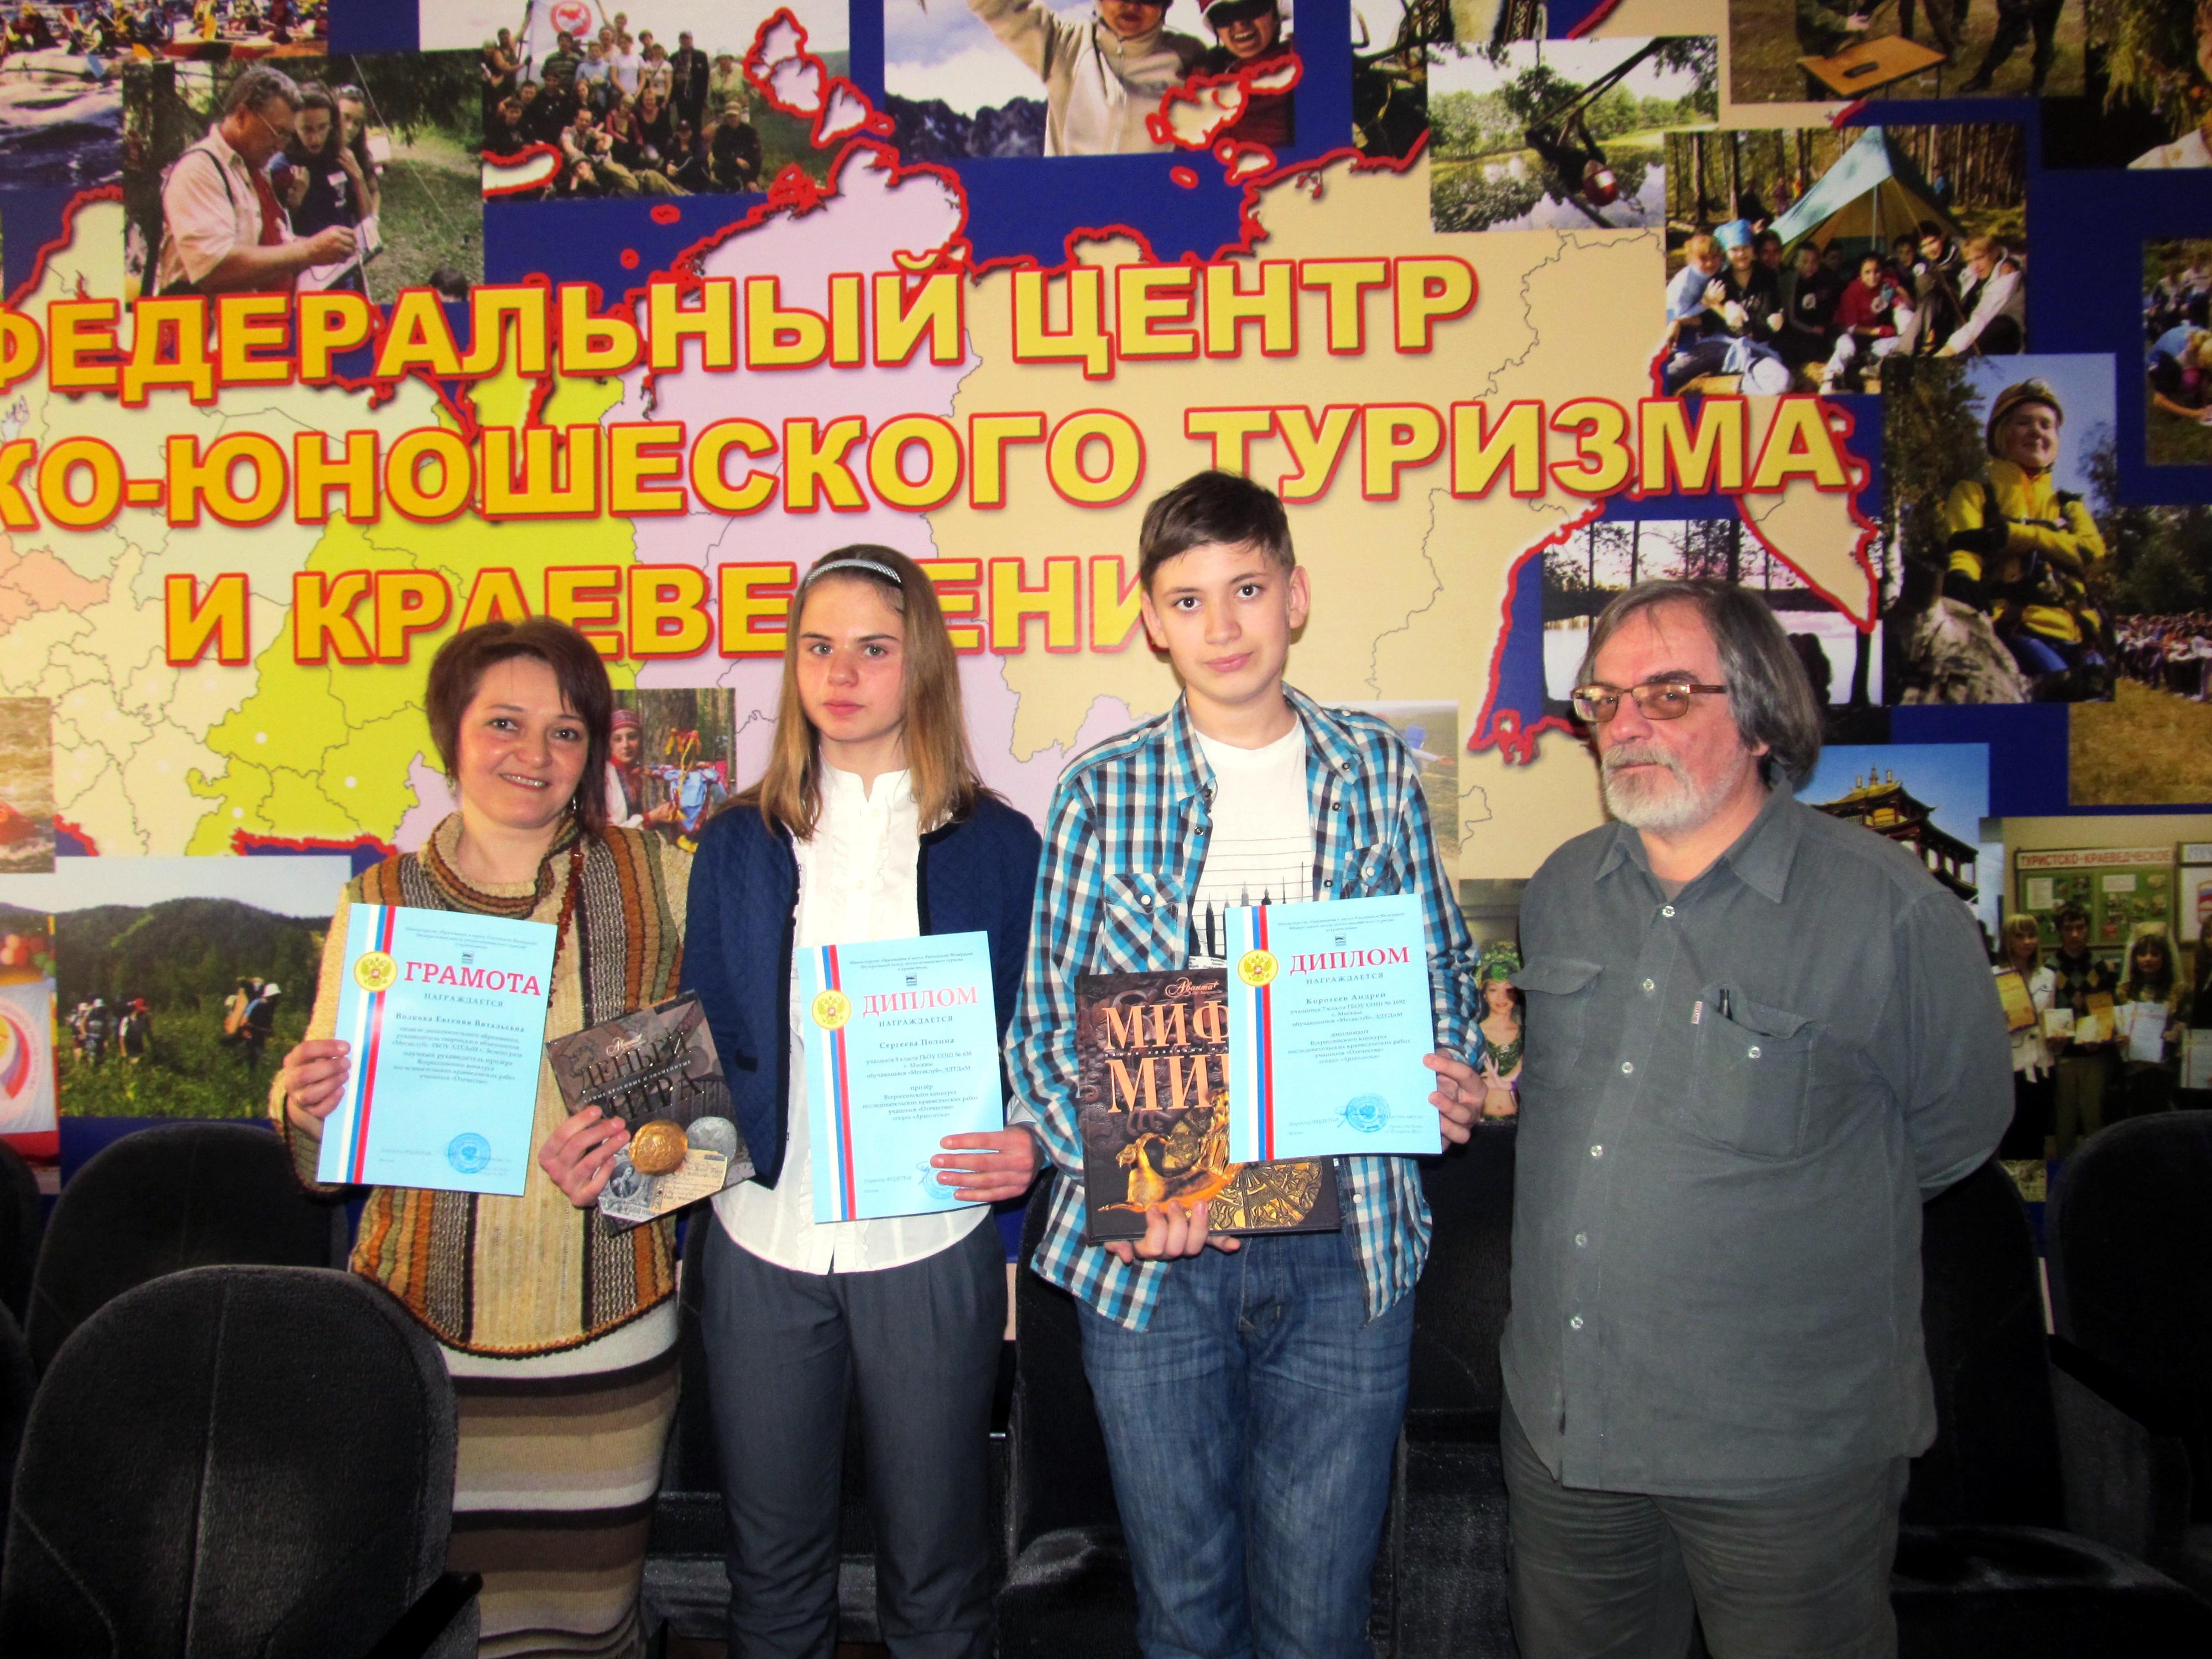 http://s7.uploads.ru/GfFZa.jpg